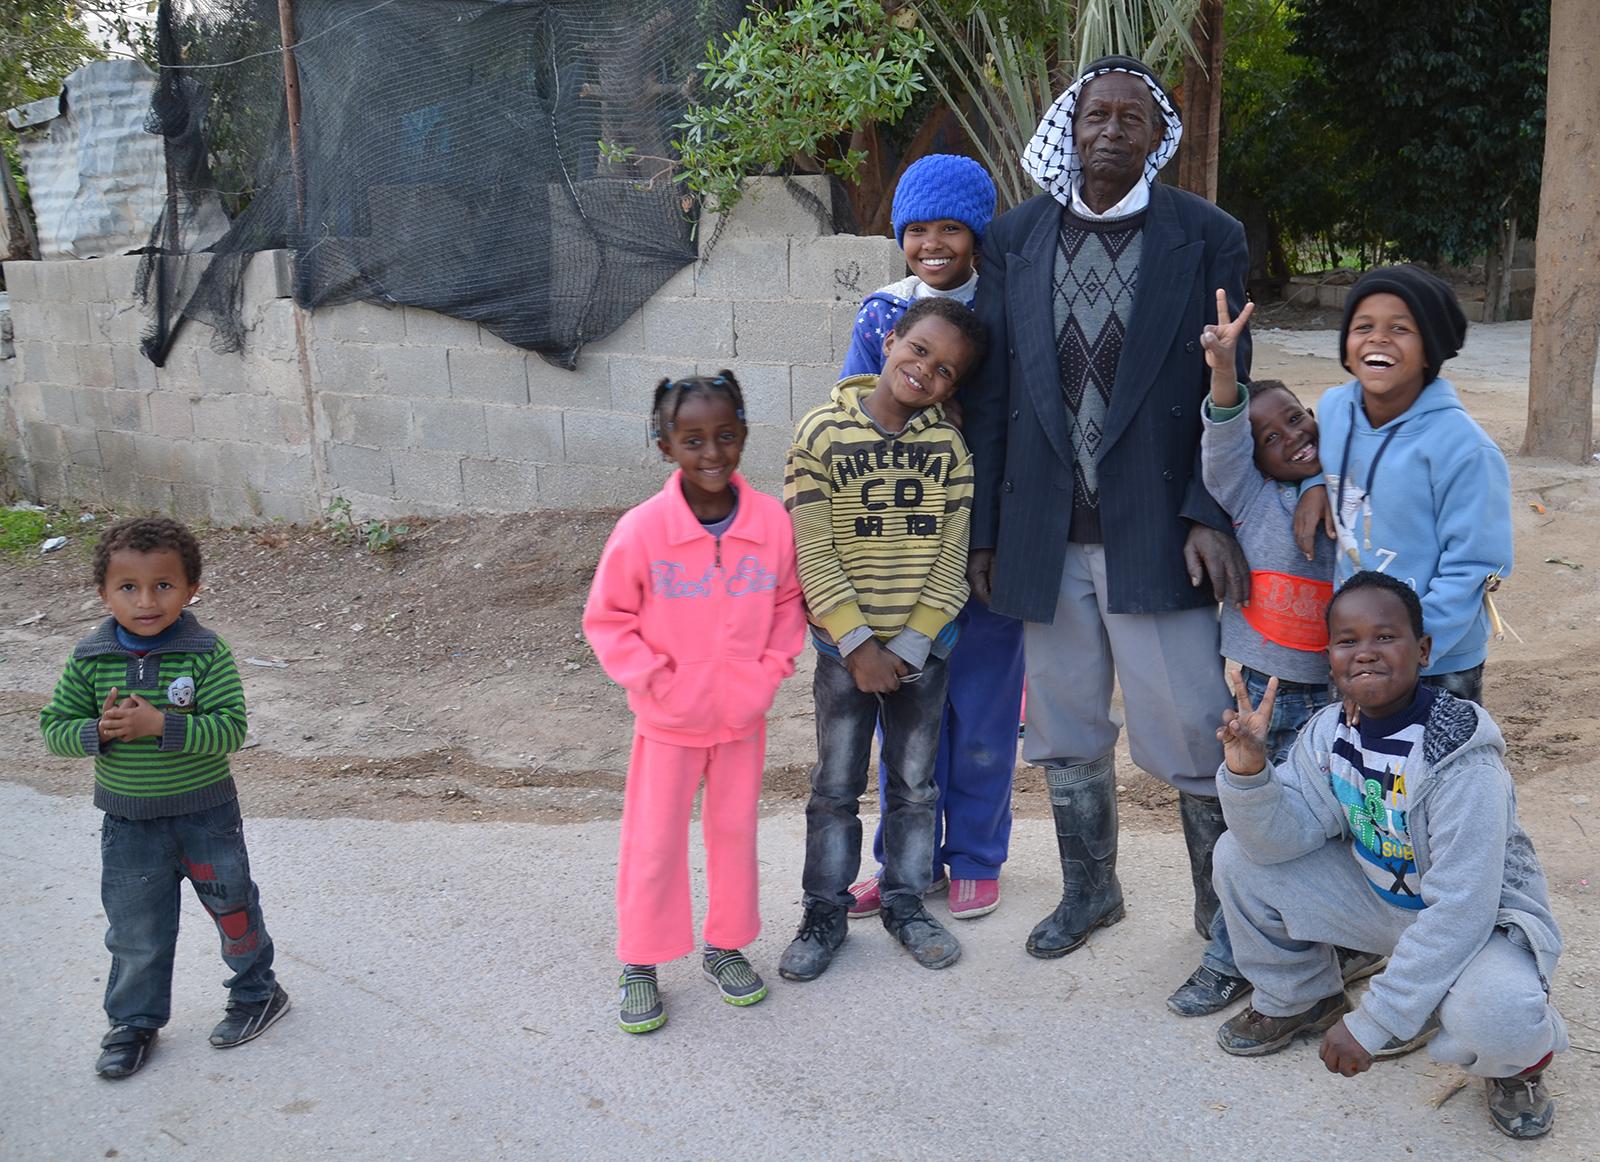 Palestinská rodina, Jericho, Západní Břeh